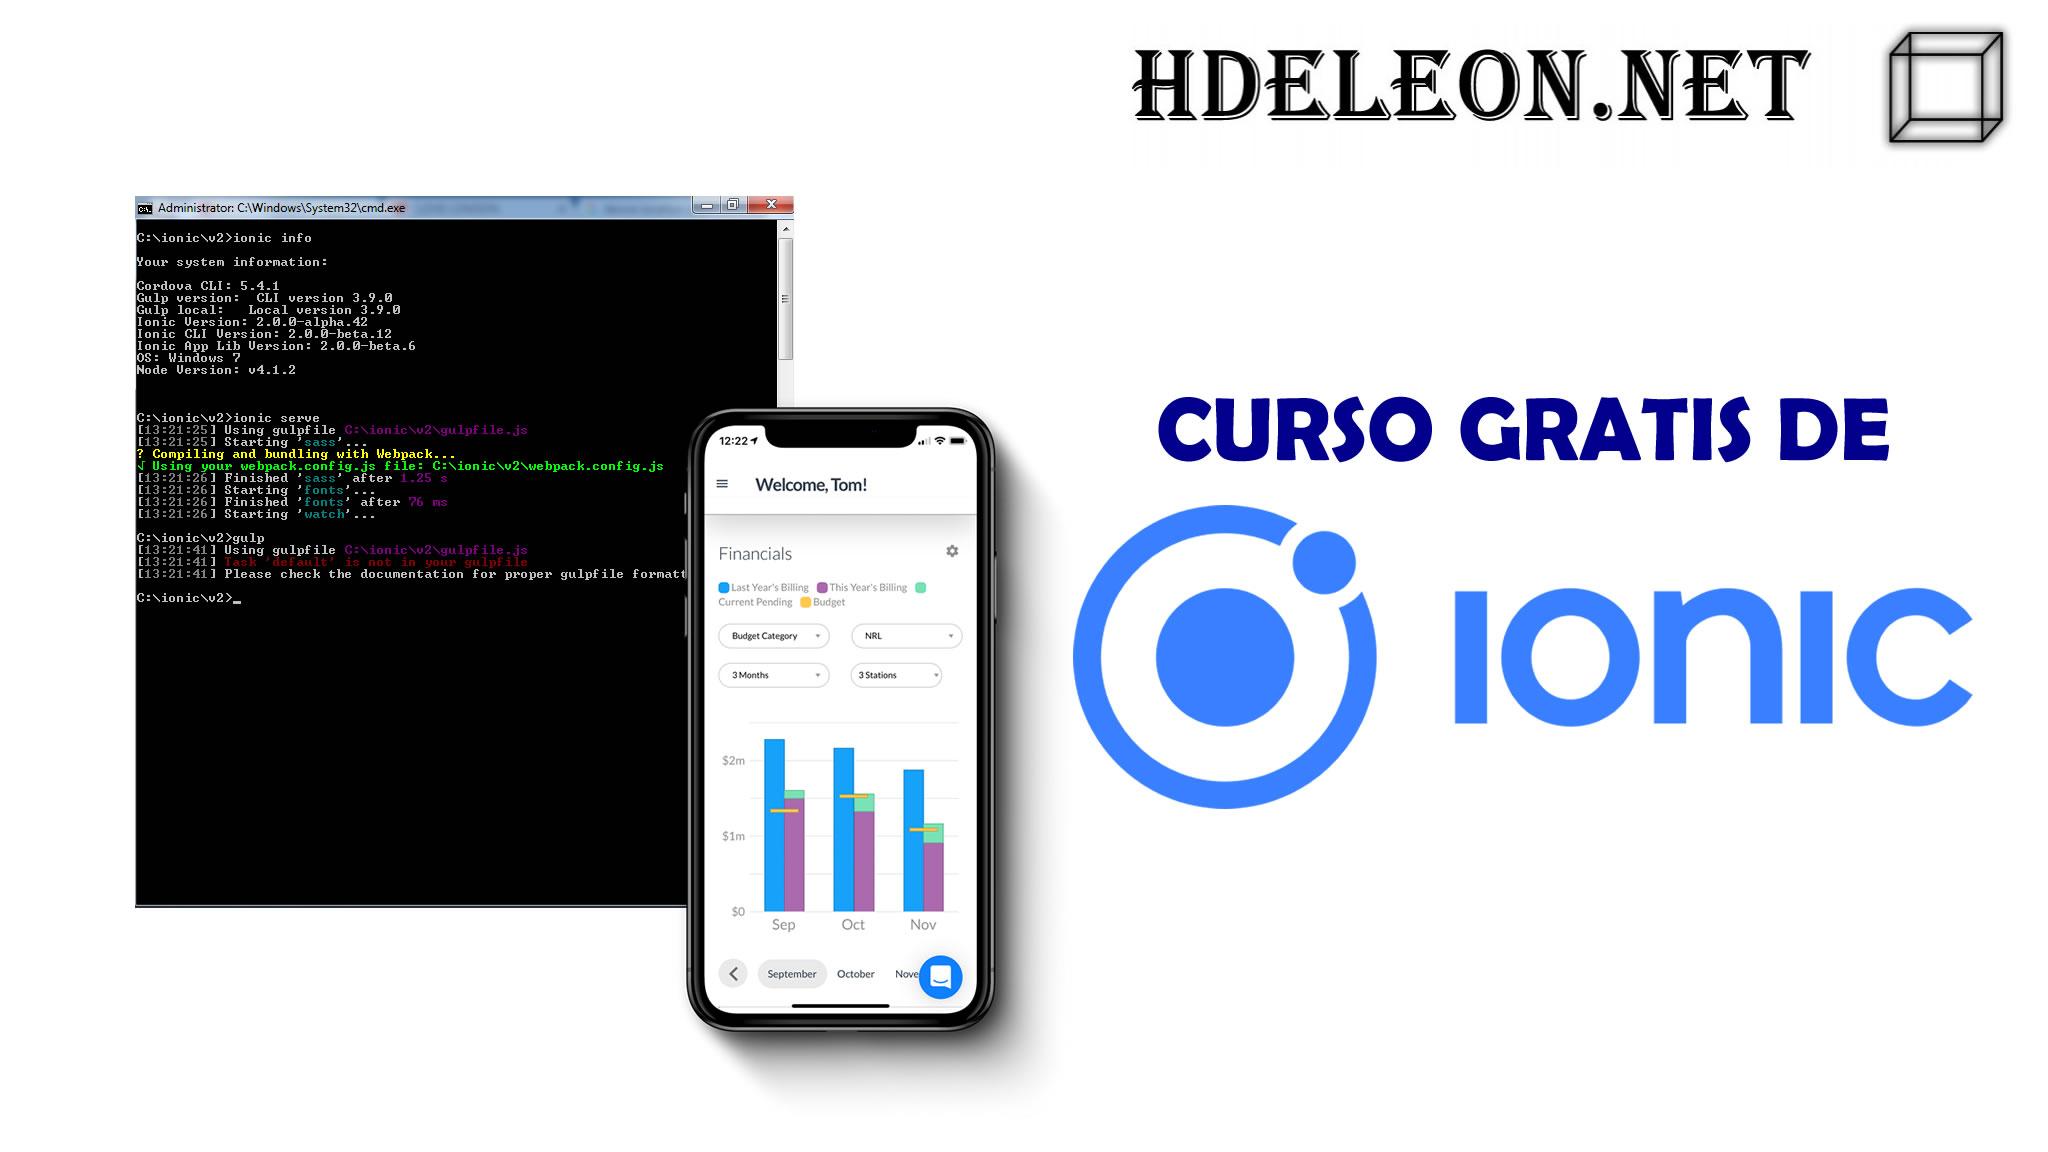 Curso gratis de desarrollo de aplicaciones con IONIC